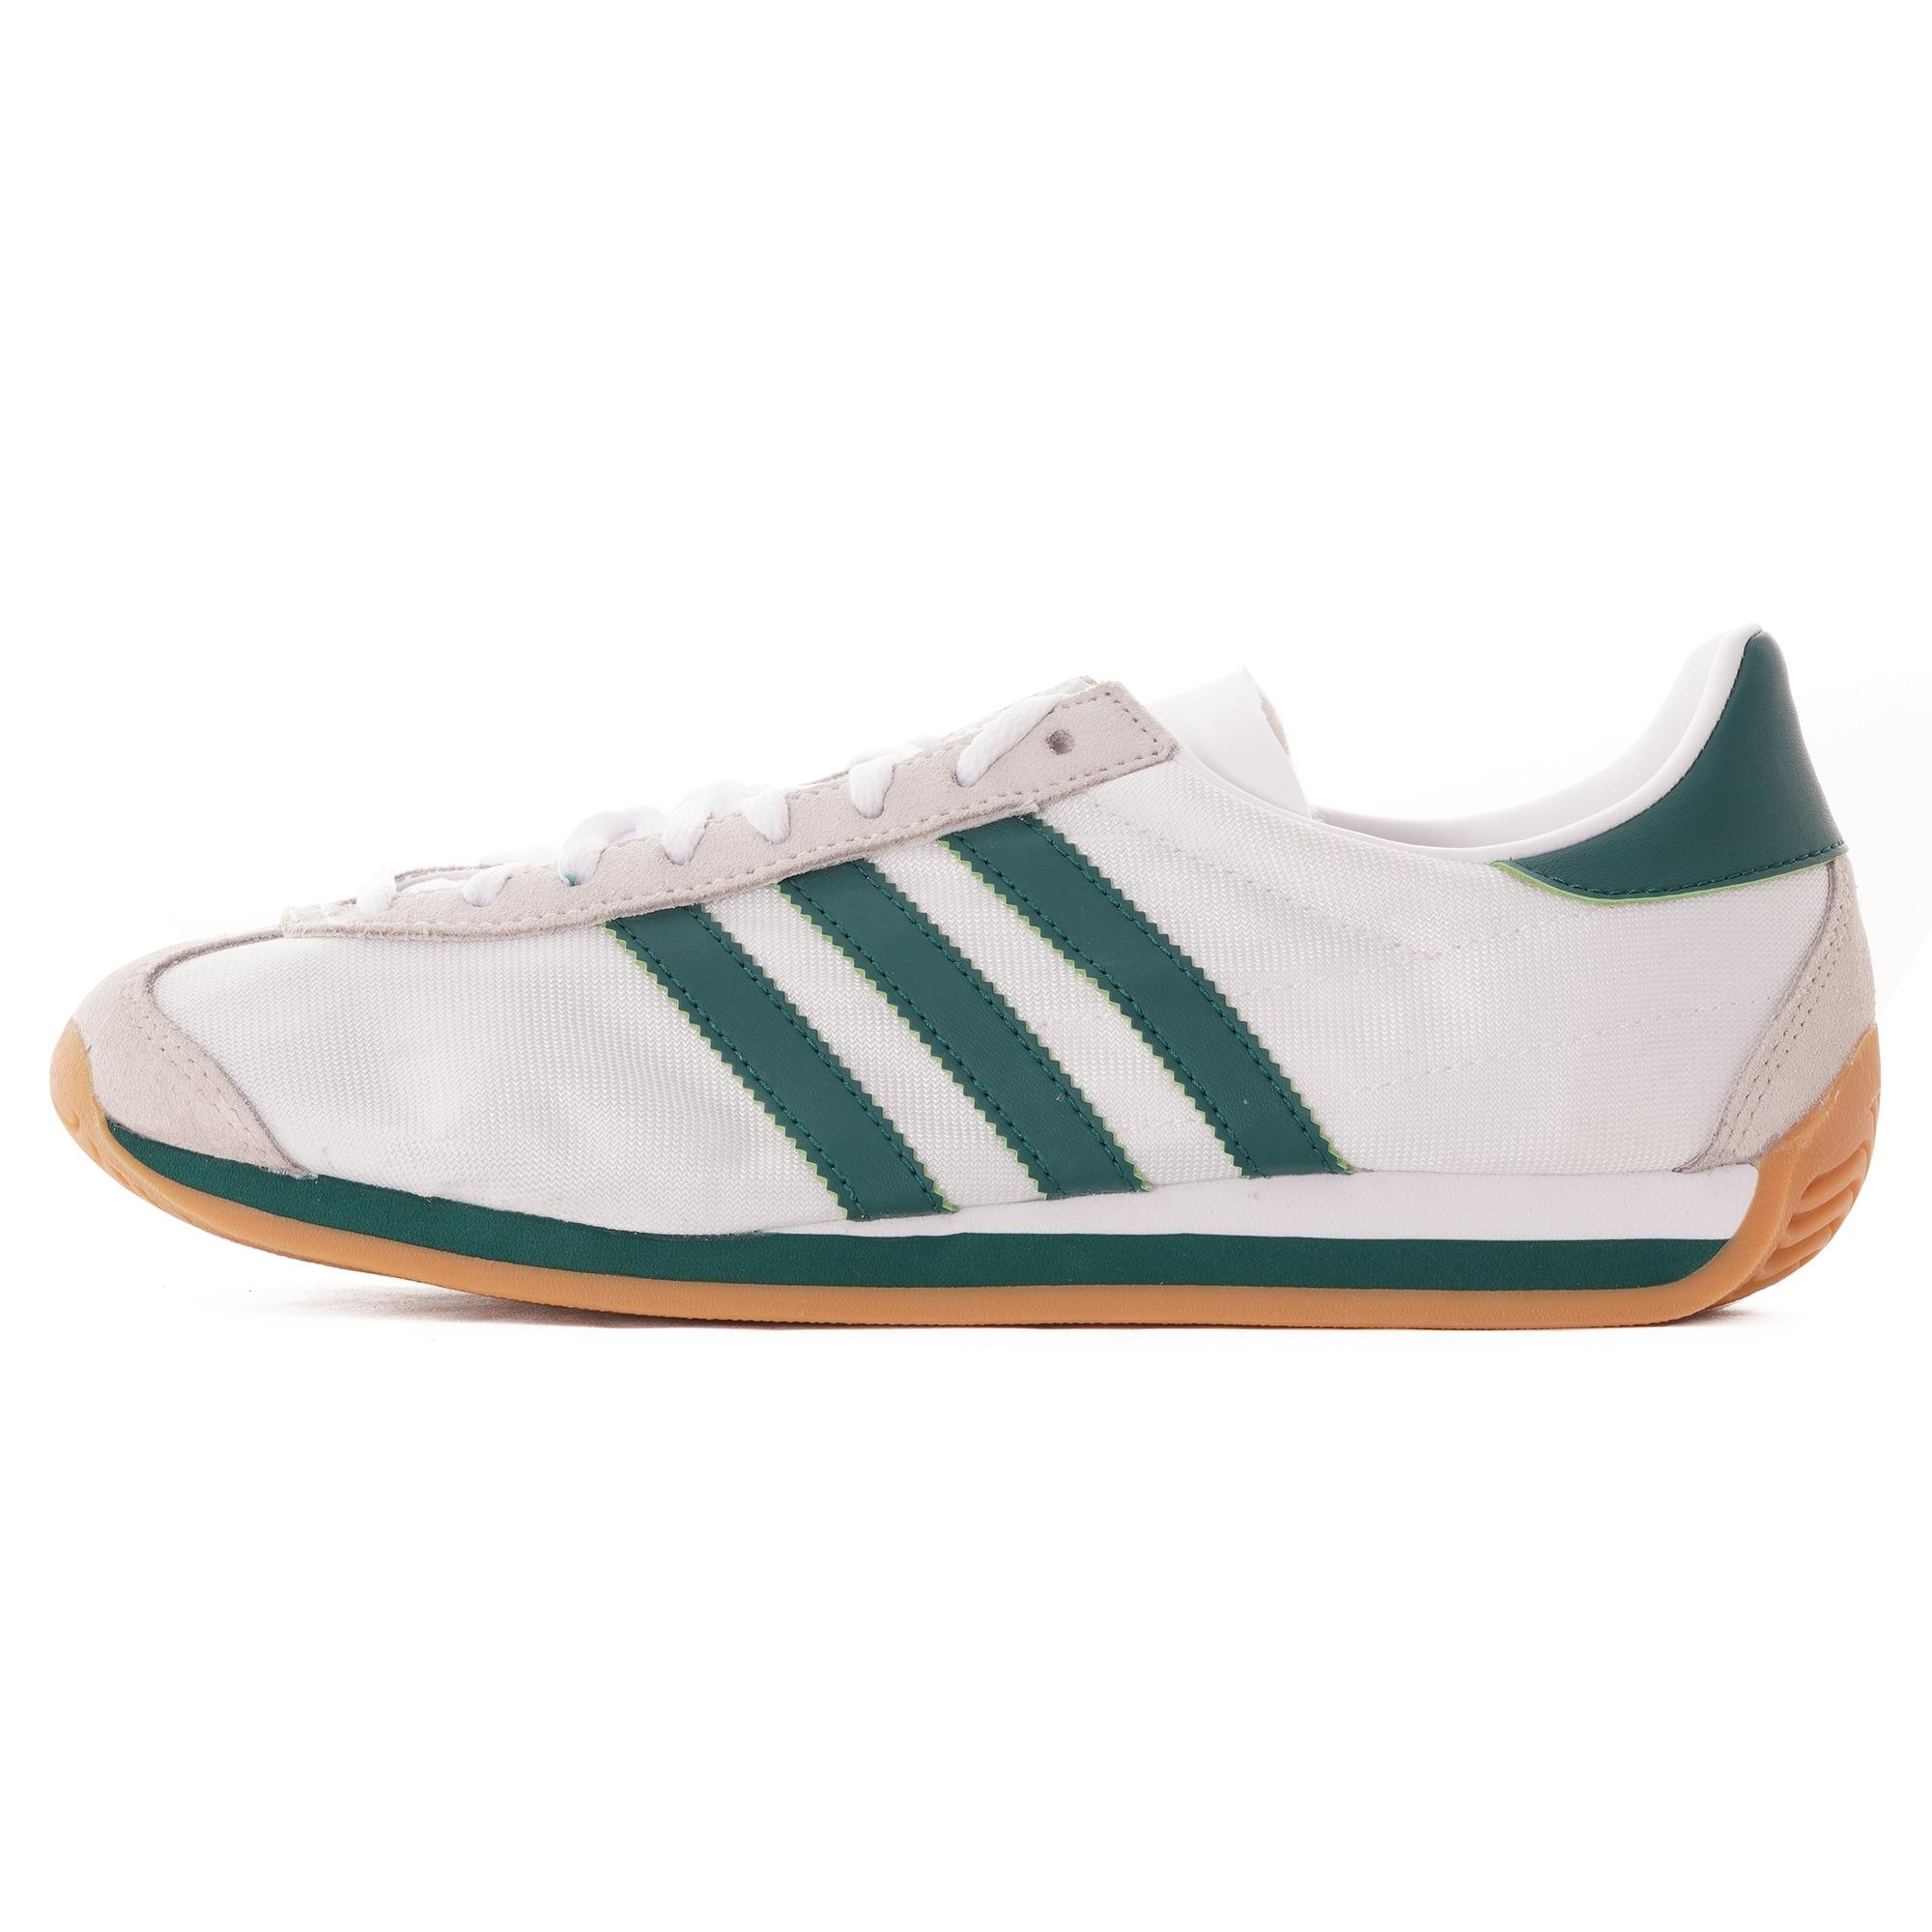 Adidas Originals Country OG Shoes - White/Green